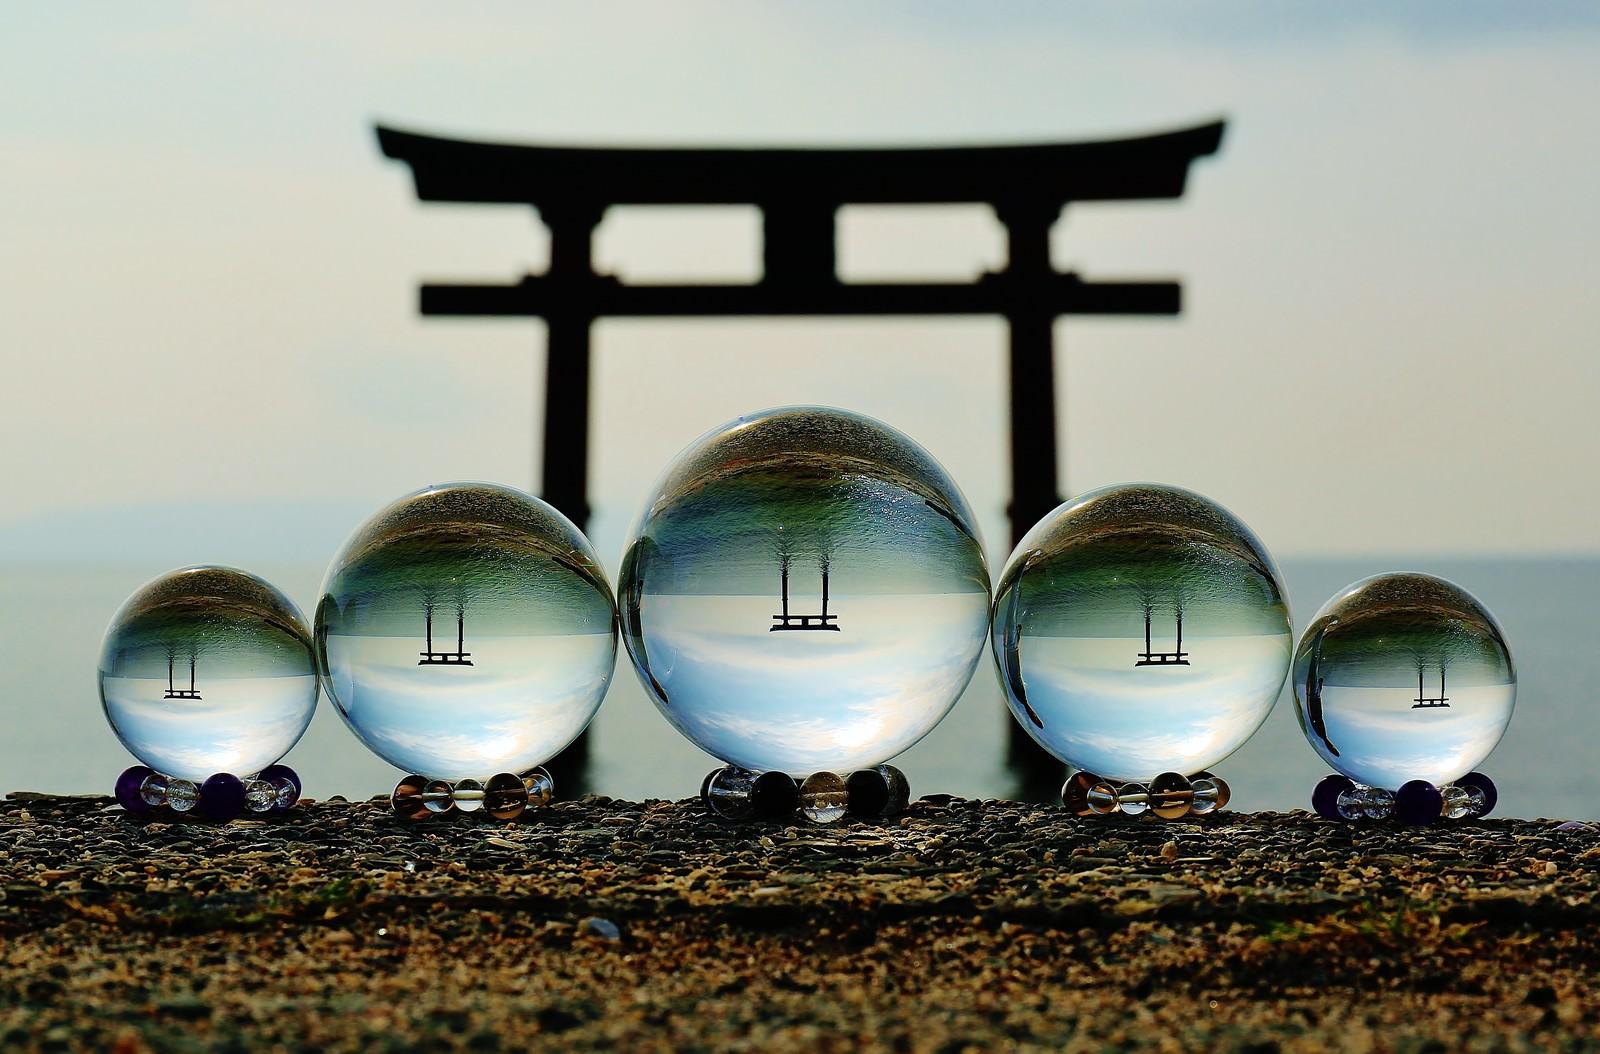 「浮かぶ鳥居と水晶玉撮影浮かぶ鳥居と水晶玉撮影」のフリー写真素材を拡大